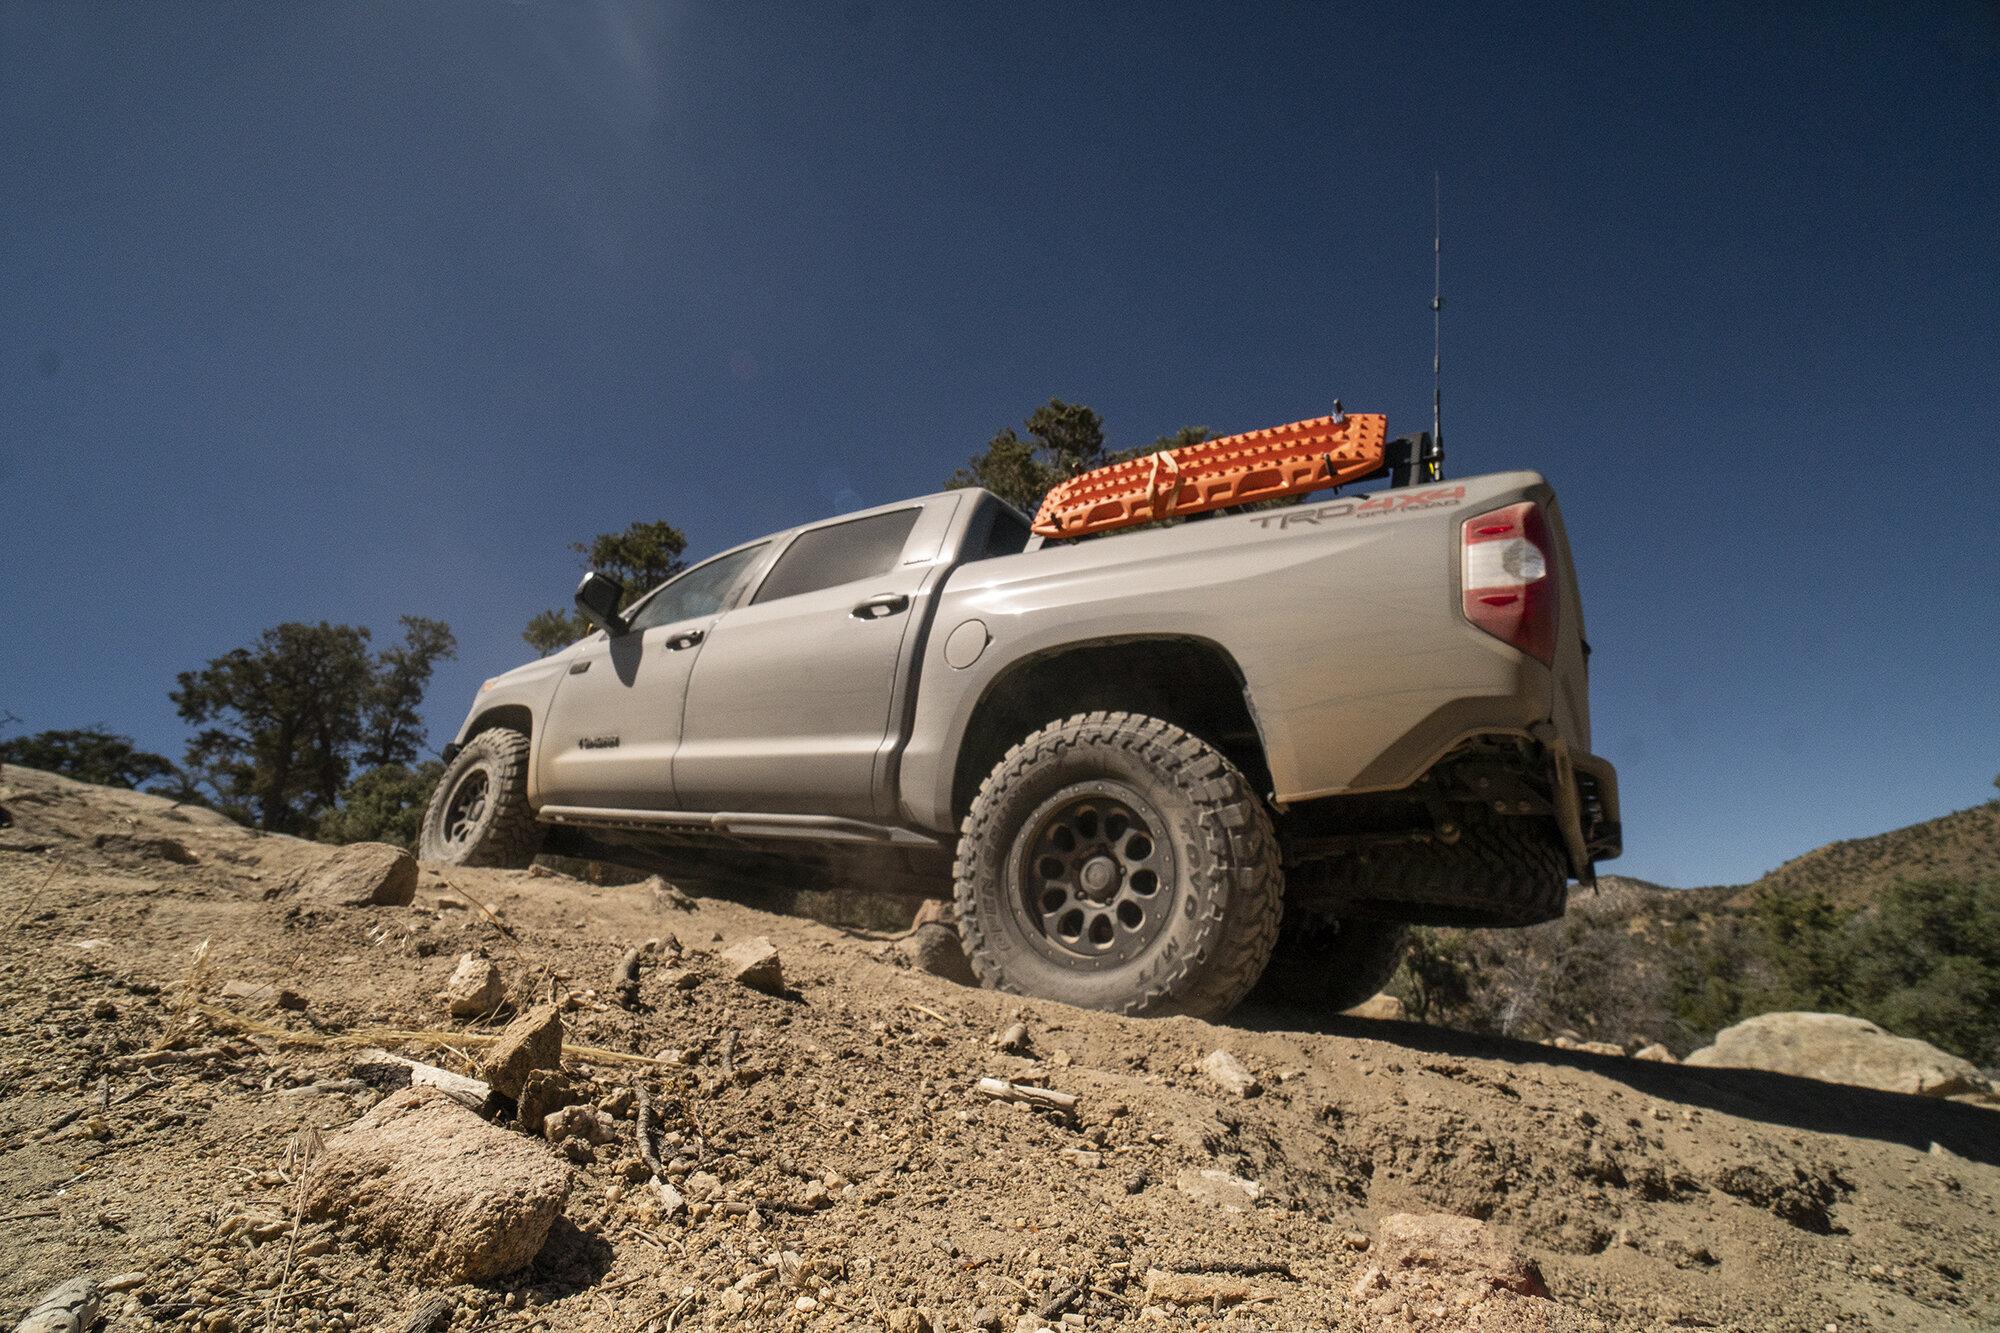 truckwide-overland-johnson-creek-hobo-toyota-tundra-gohobo.jpg